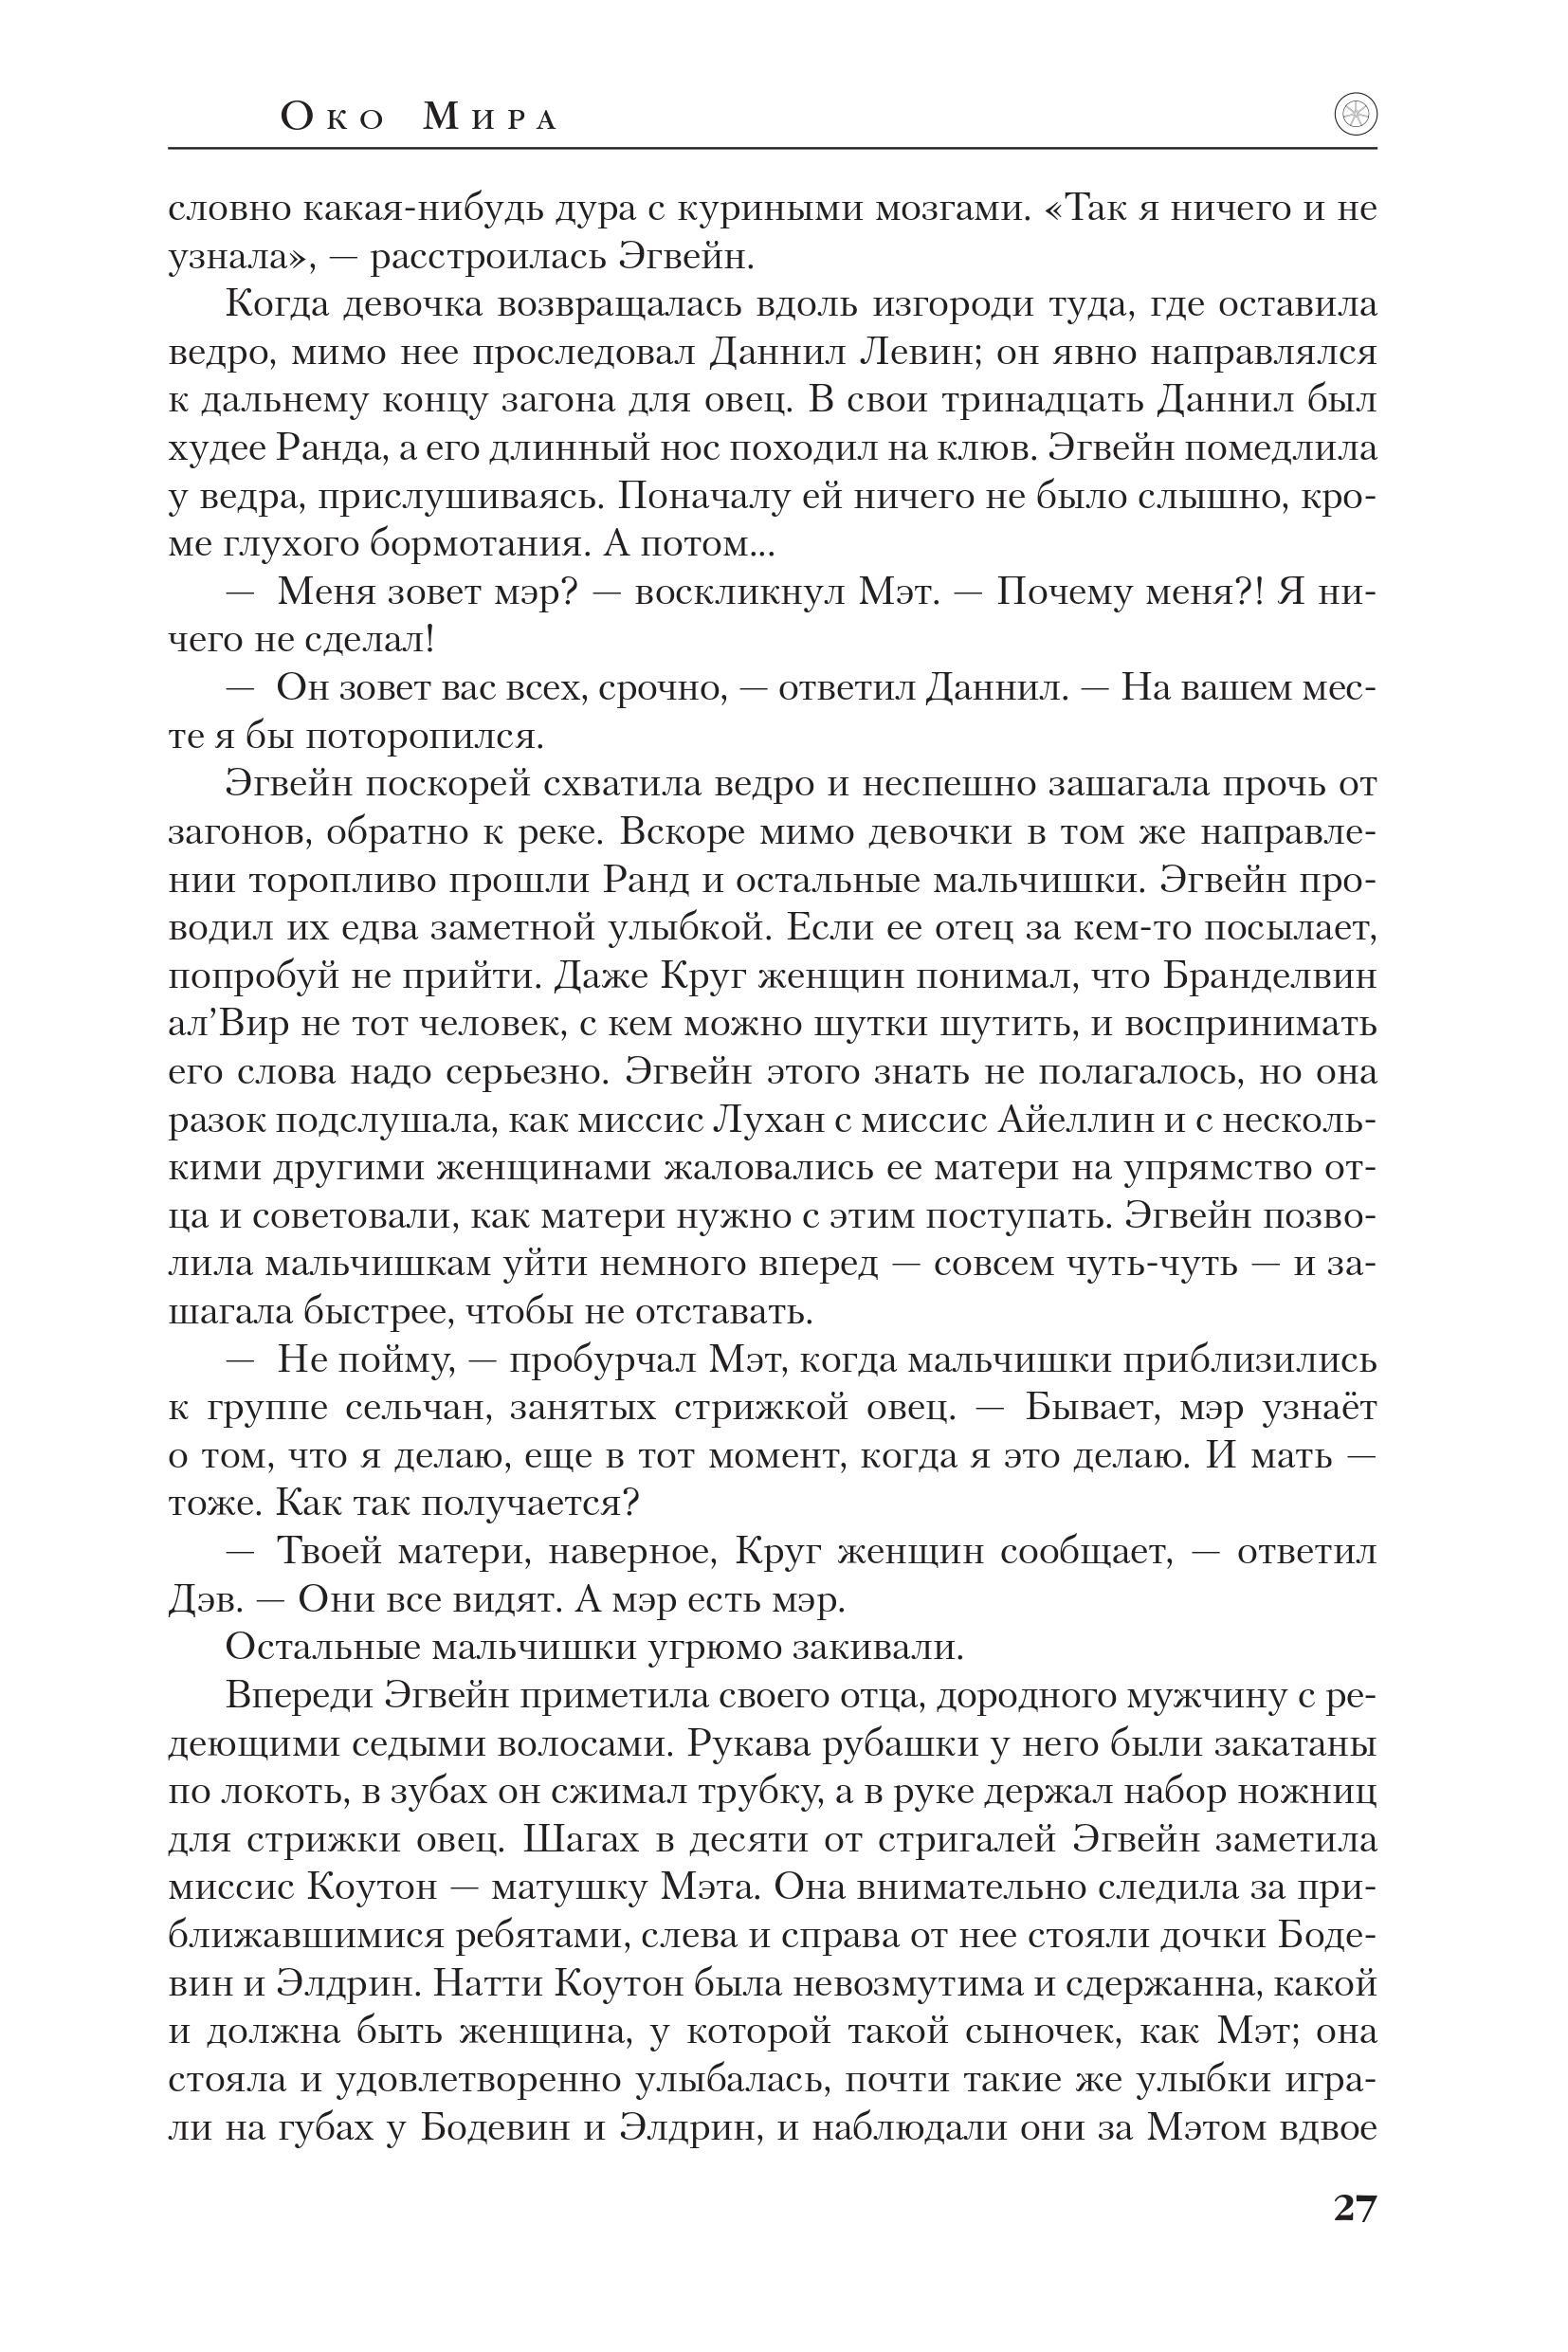 «Вороны»: отрывок изпереиздания романа «Око мира», первой части «Колеса времени» 24